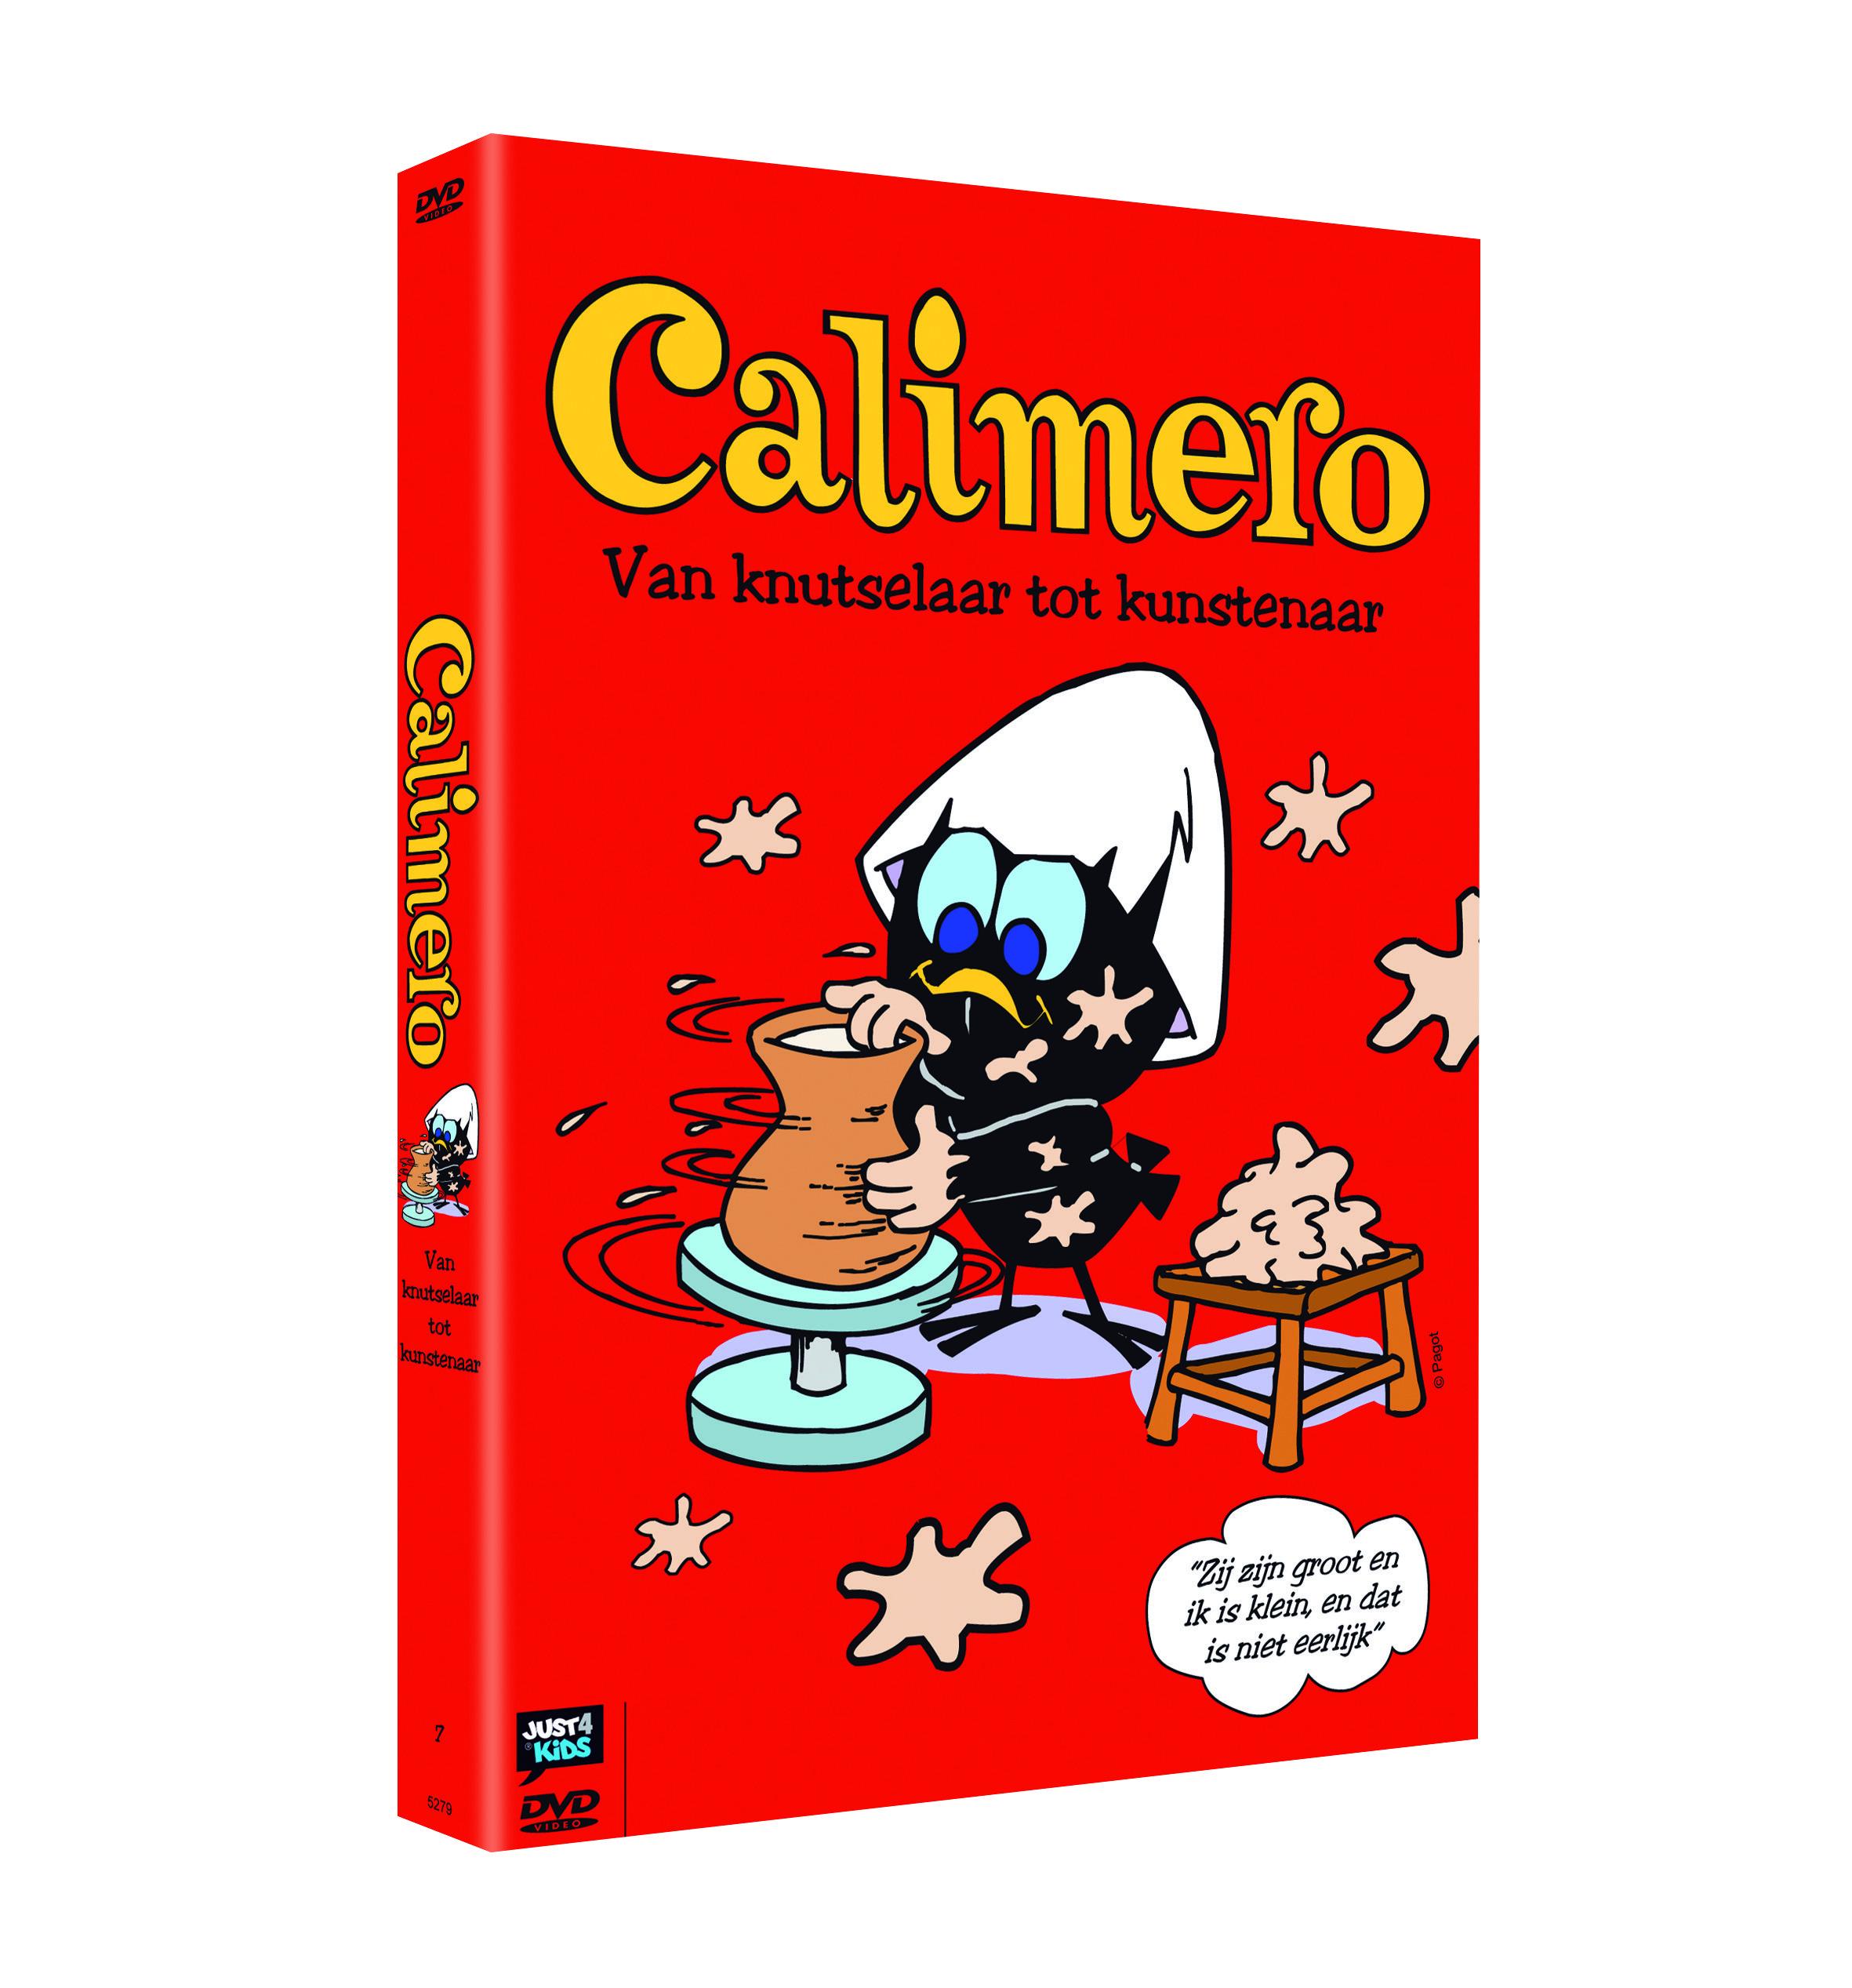 Calimero Just4kids Http Winkel Just4kids Nl Voor Kinderen Kinderen Nostalgie